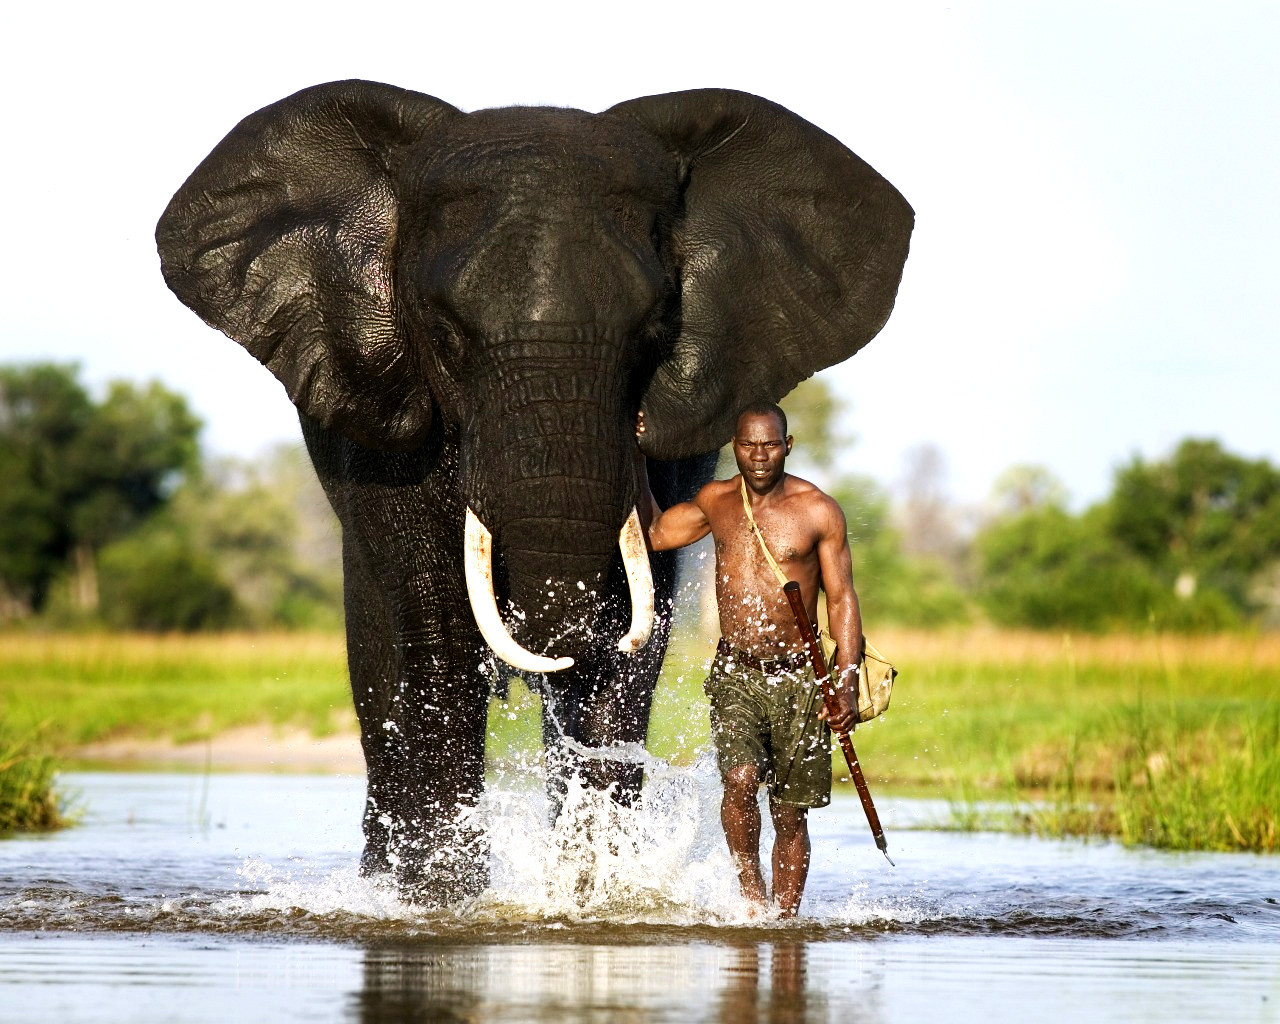 صورة اكبر حيوان في العالم 1248 7